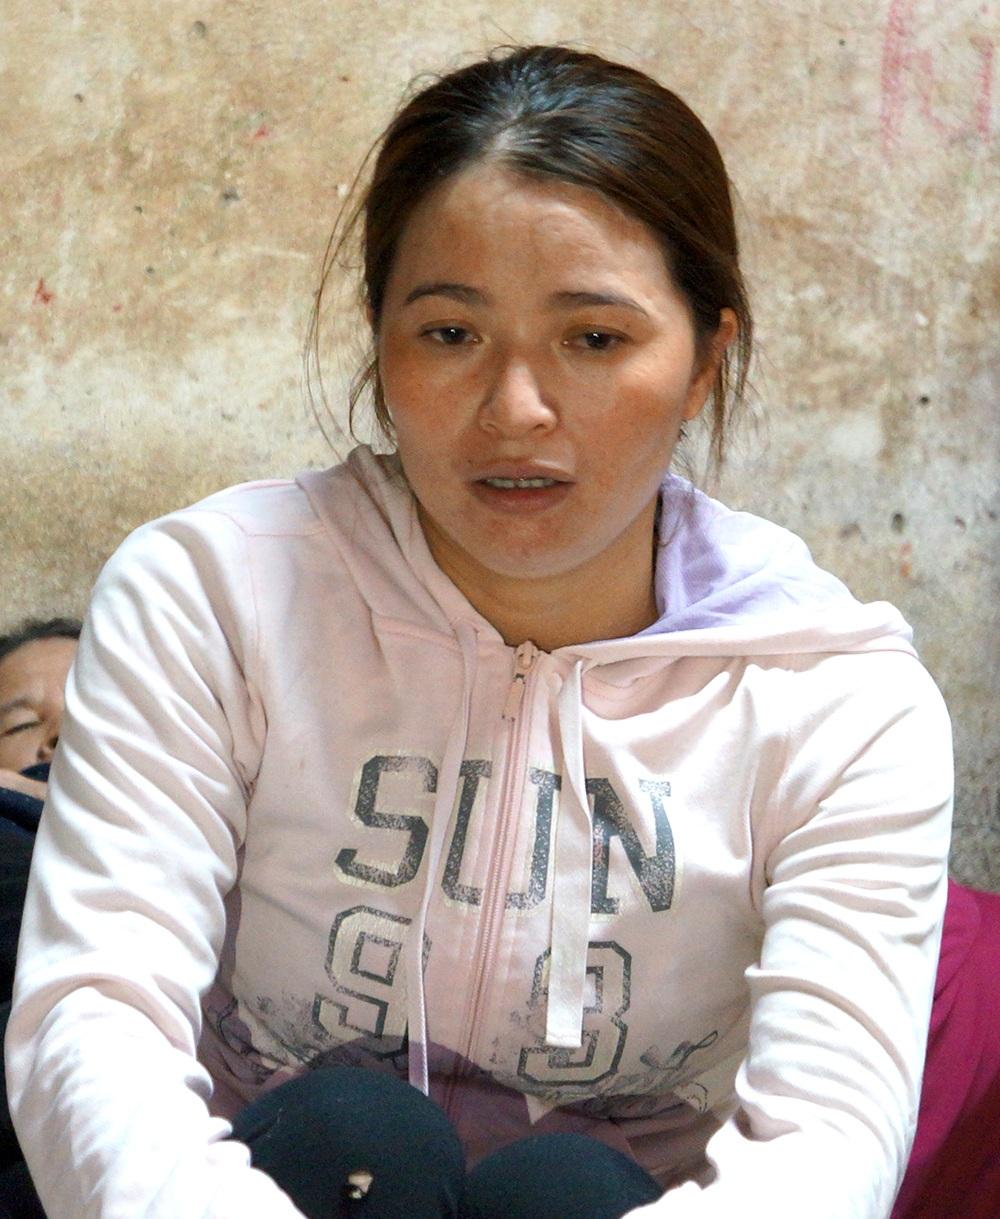 Bà Ngọt cho rằng số tiền vợ chồng người thu mua ve chai phát hiện có thể là của chồng bà